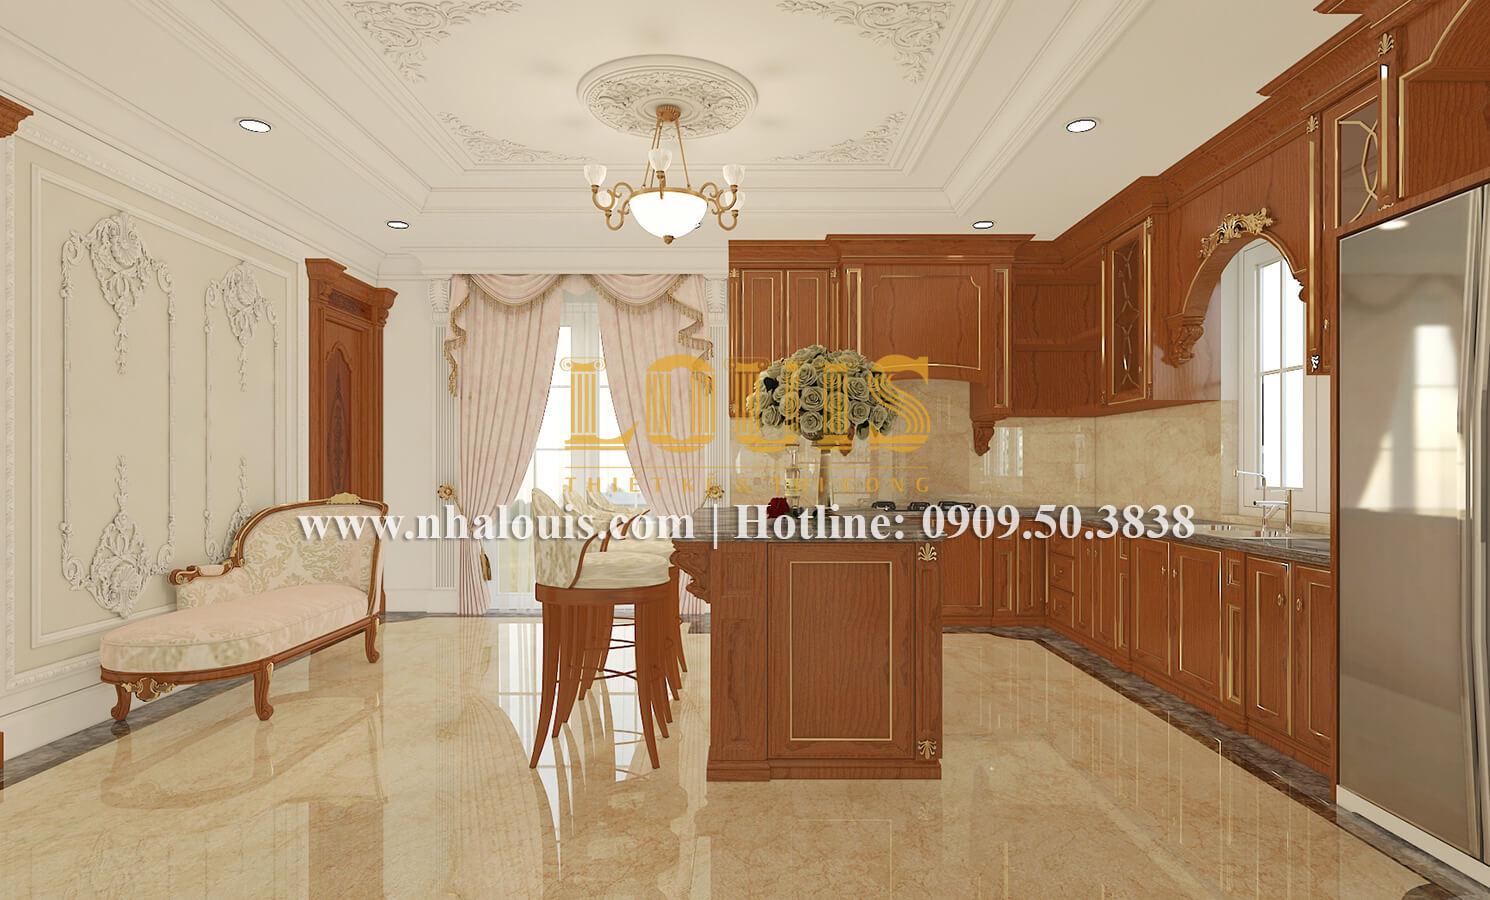 Phòng bếp biệt thự cổ điển kiểu Pháp đẳng cấp tại Đồng Nai